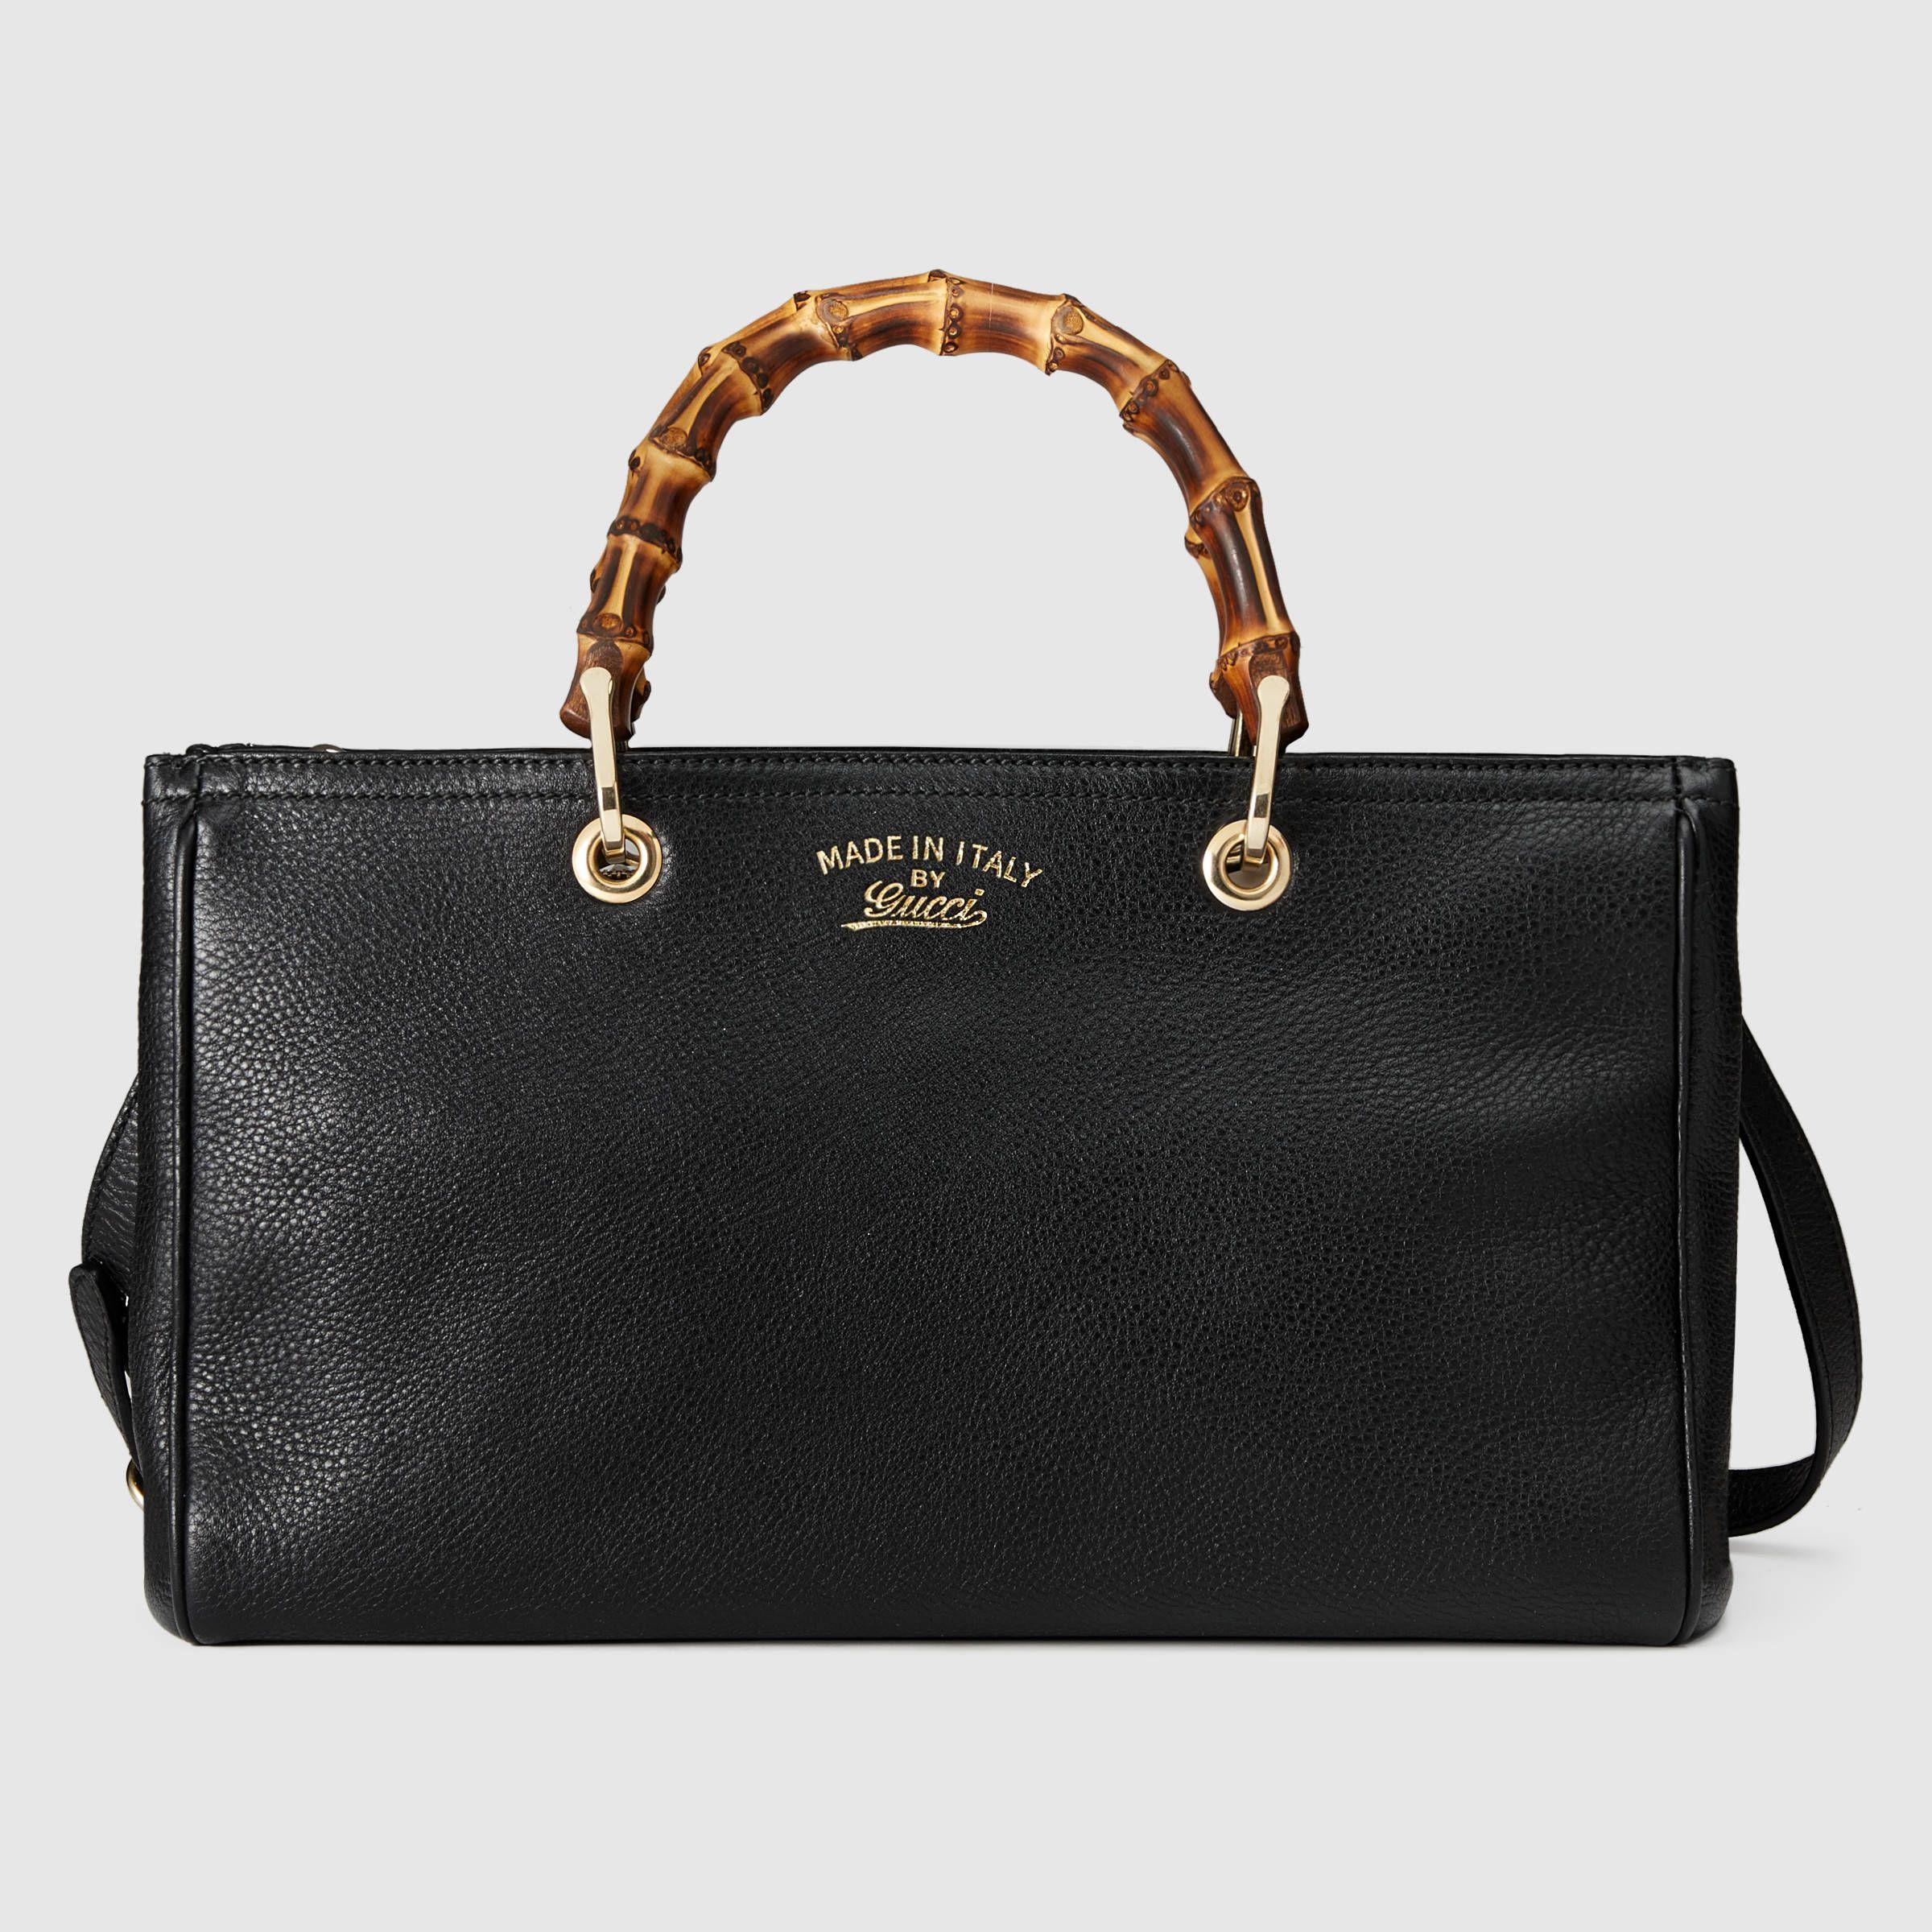 14410fa767 gucci bamboo borsa - Cerca con Google | purses | Gucci bamboo, Gucci ...